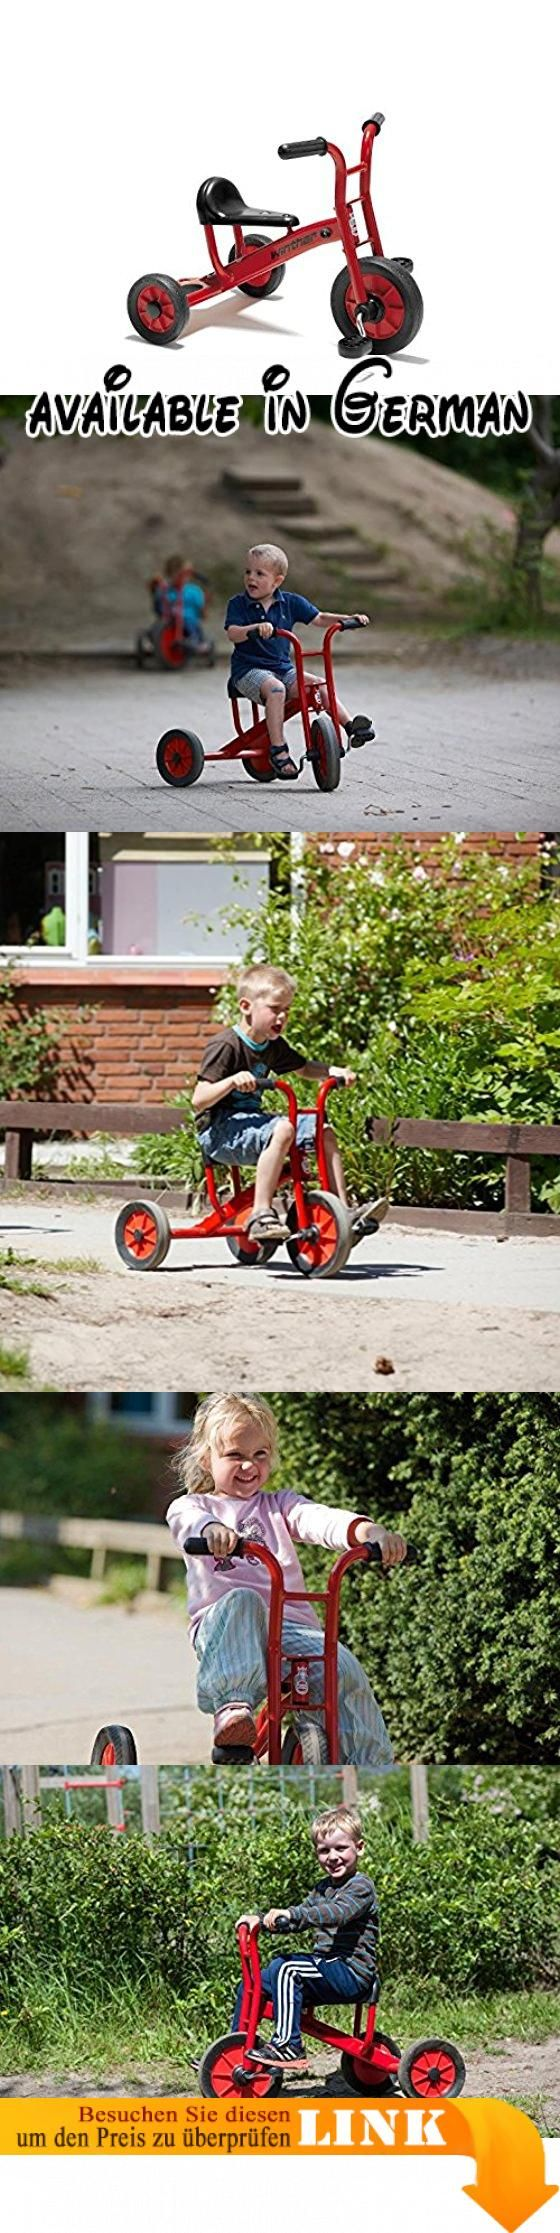 VIKING Dreirad klein (Alter: 2-4 Jahre / Lenkerhöhe 51 cm / Sitzhöhe 28 cm) von Winther. Dreirad klein (Alter: 2-4 Jahre / Lenkerhöhe 51cm / Sitzhöhe 28cm) von Winther. Hohe Qualität, Sicherheit und lange Lebensdauer.. Farbe Rahmen=rot (hochwertig pulverbeschichtet) / Sitz+Gummireifen=schwarz / Felgen=rot Hint. Hergestellt vom renomierten Hersteller Winther in Dänemark #Toy #TOYS_AND_GAMES